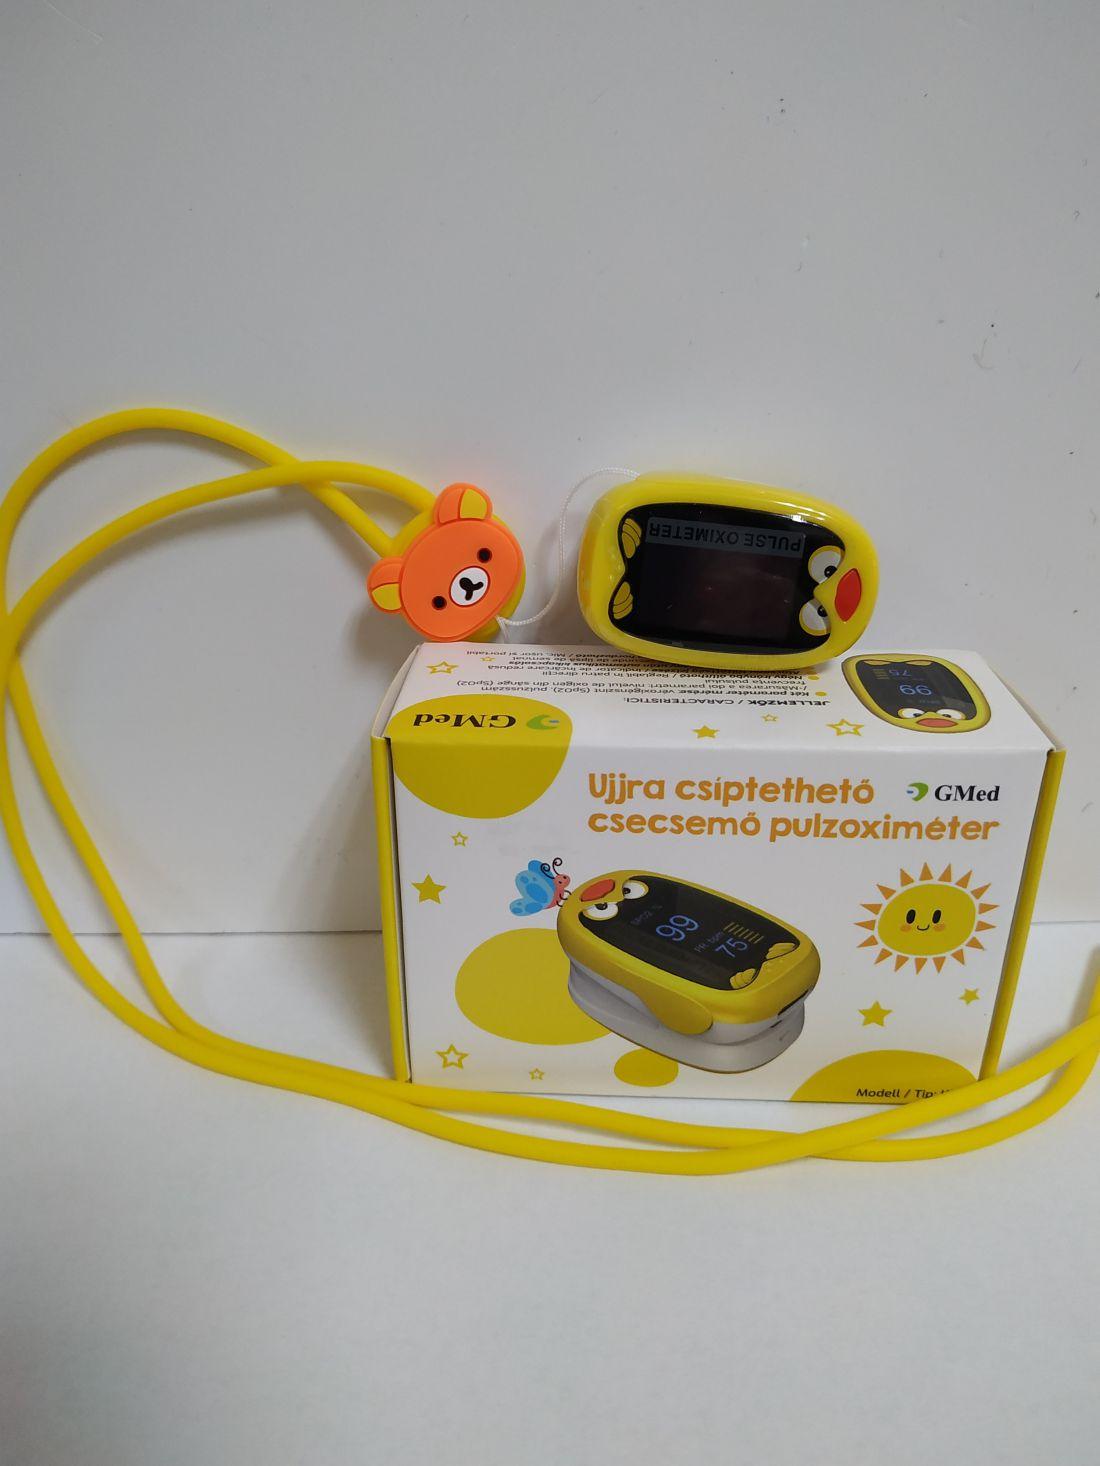 GMed csecsemő és gyerek pulzoximeter